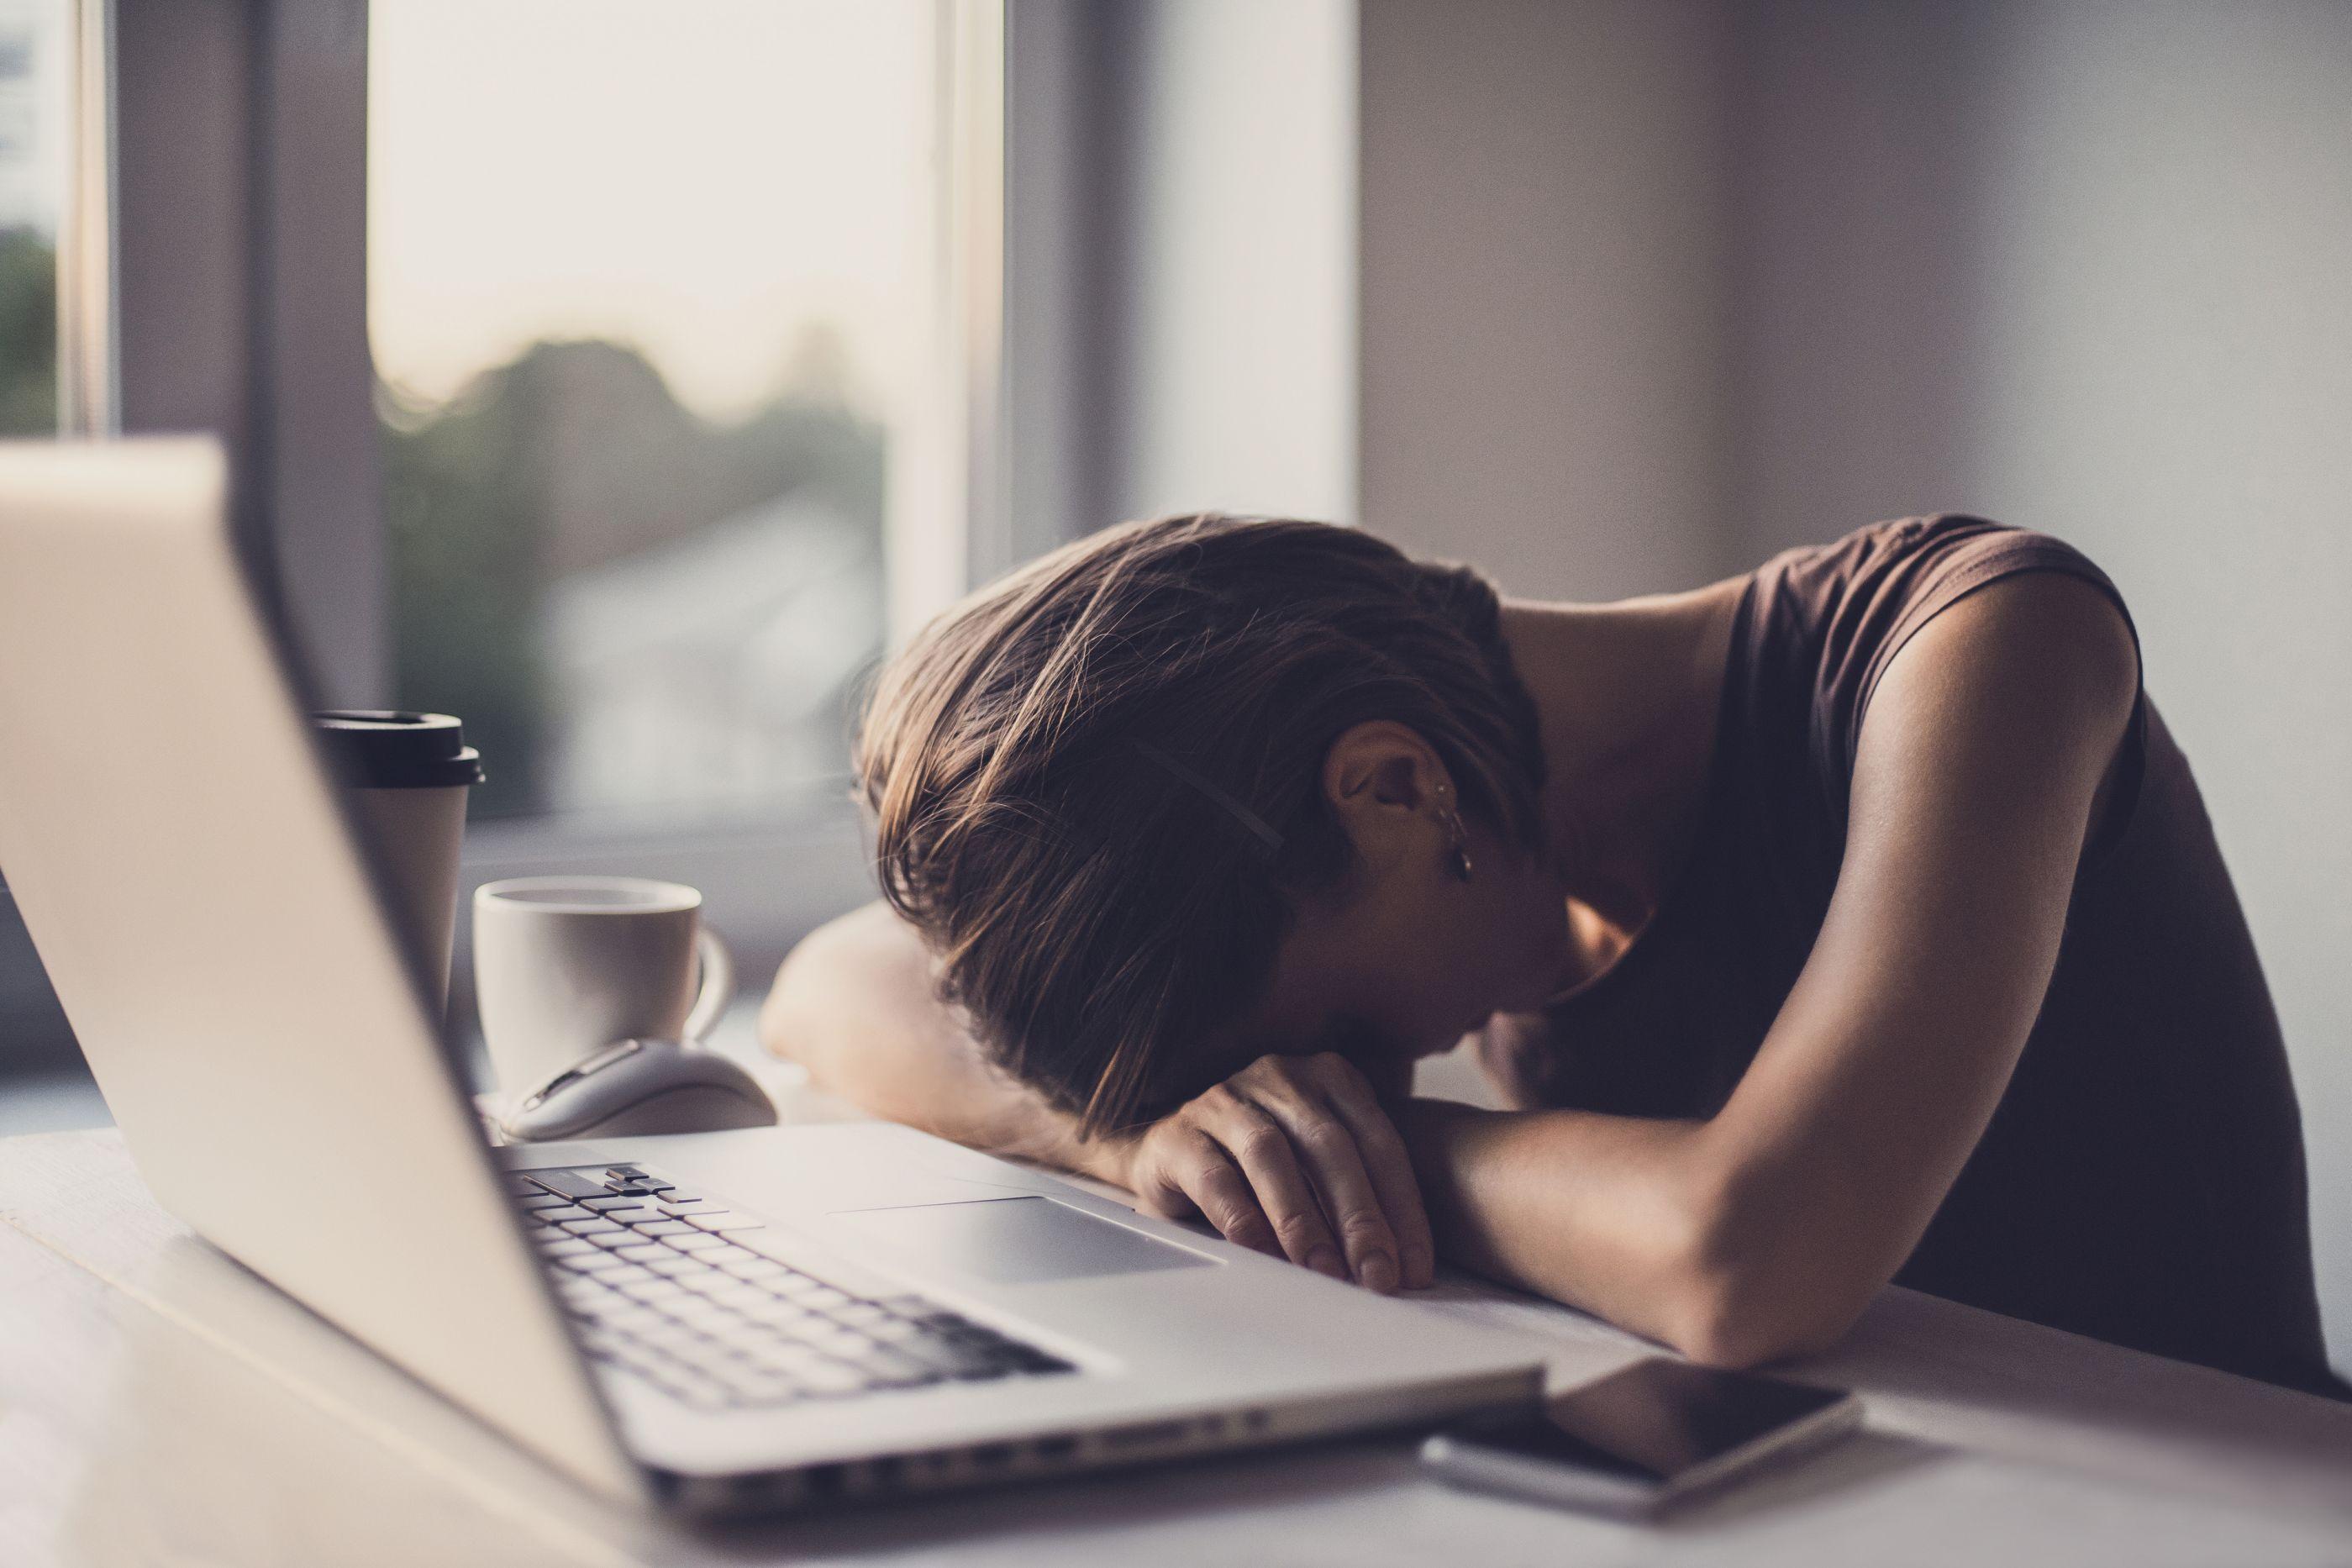 5 atitudes para diminuir o estresse no trabalho